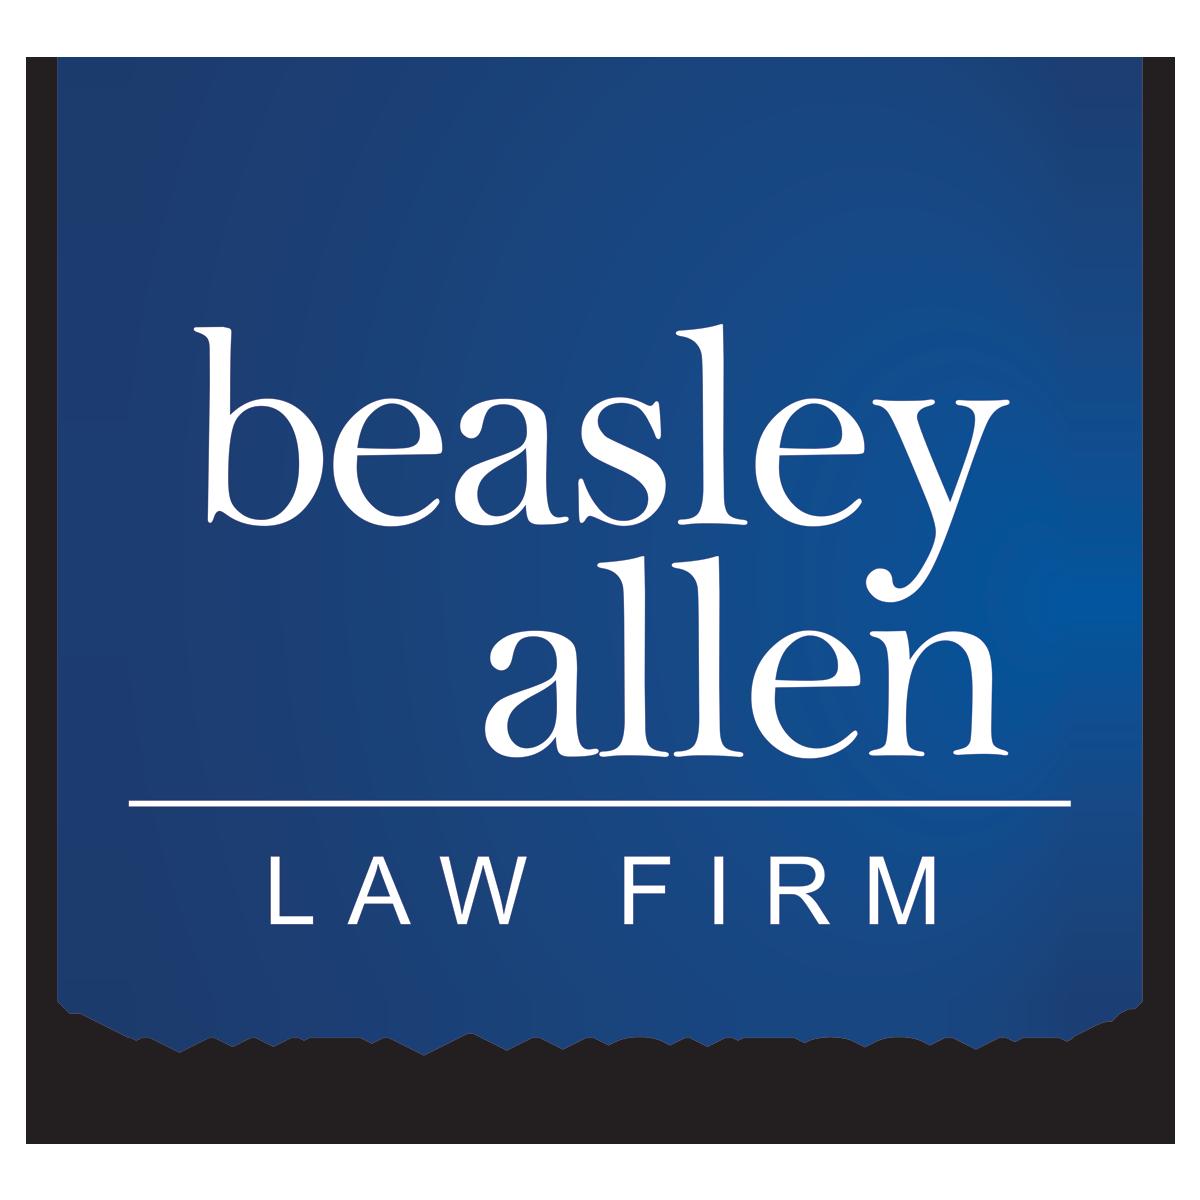 Beasley Allen